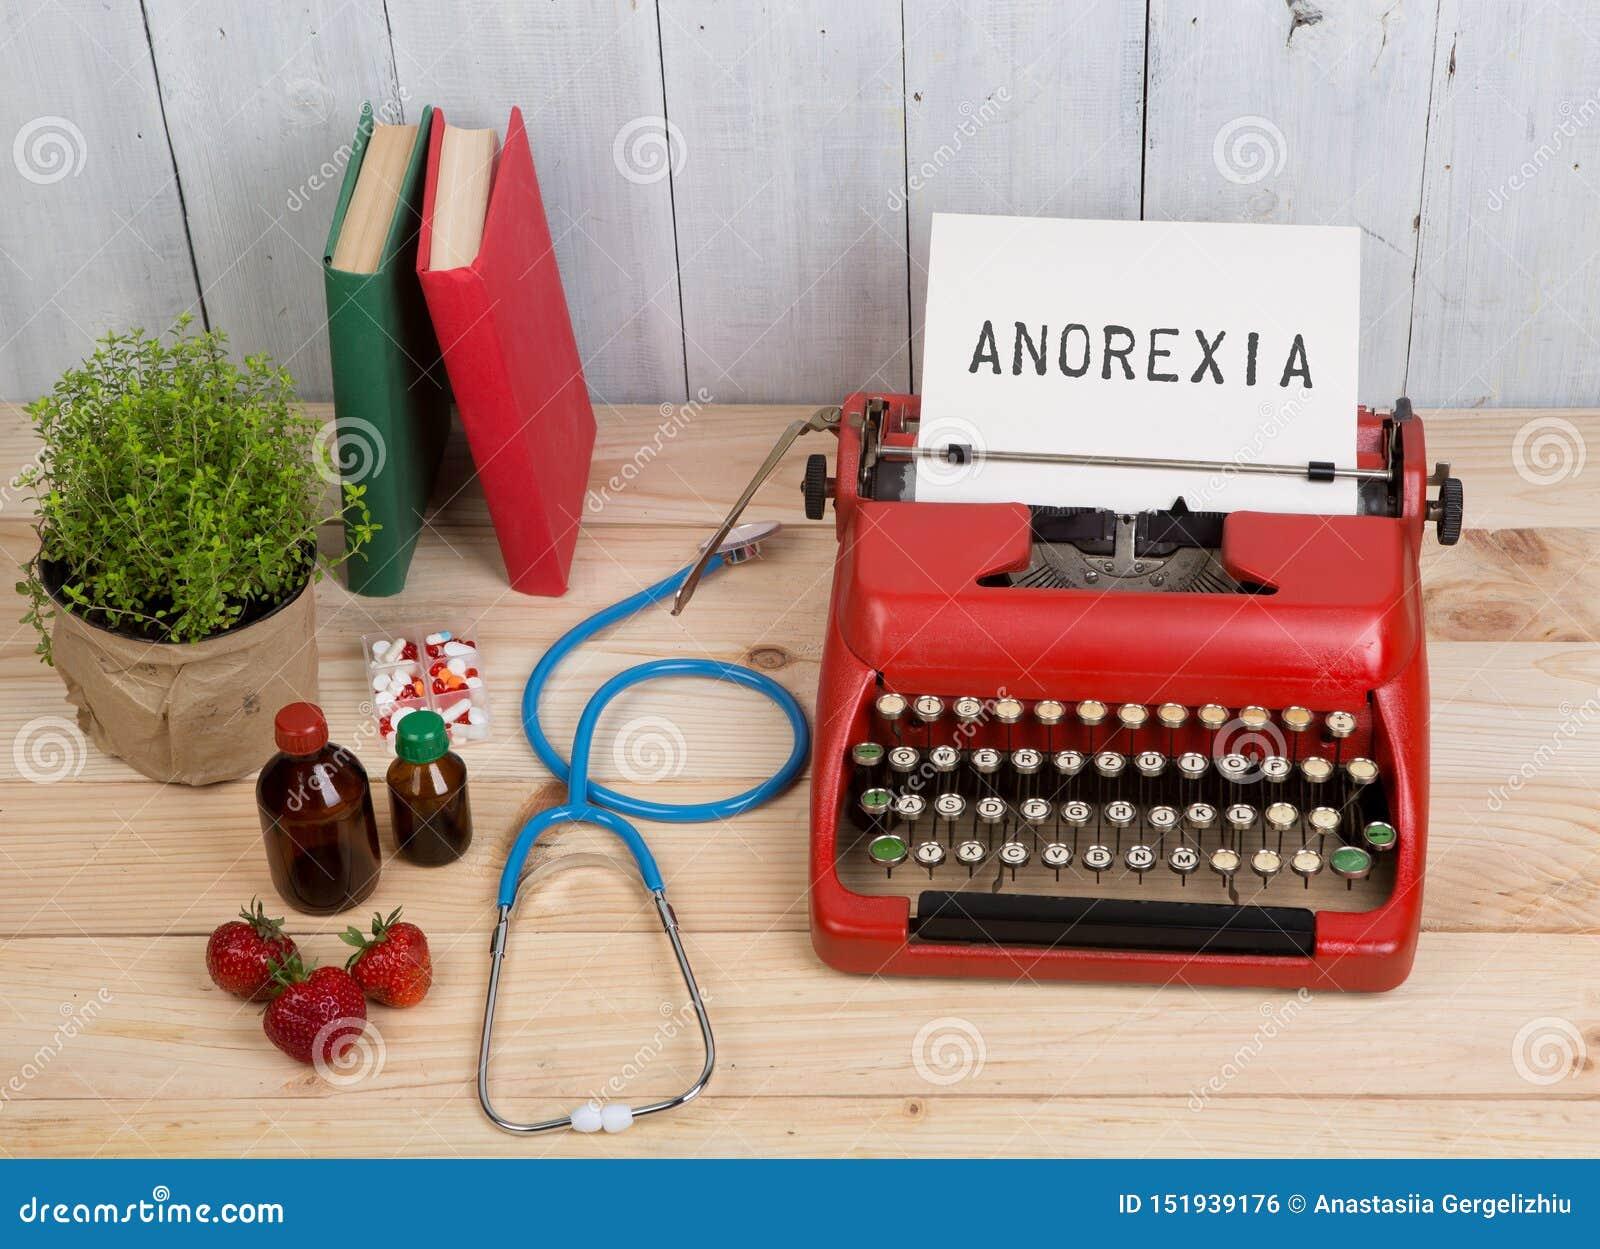 Essstörungskonzept - Schreibmaschine mit Text Magersucht, blaues Stethoskop, Pillen, rote Schreibmaschine, Erdbeeren